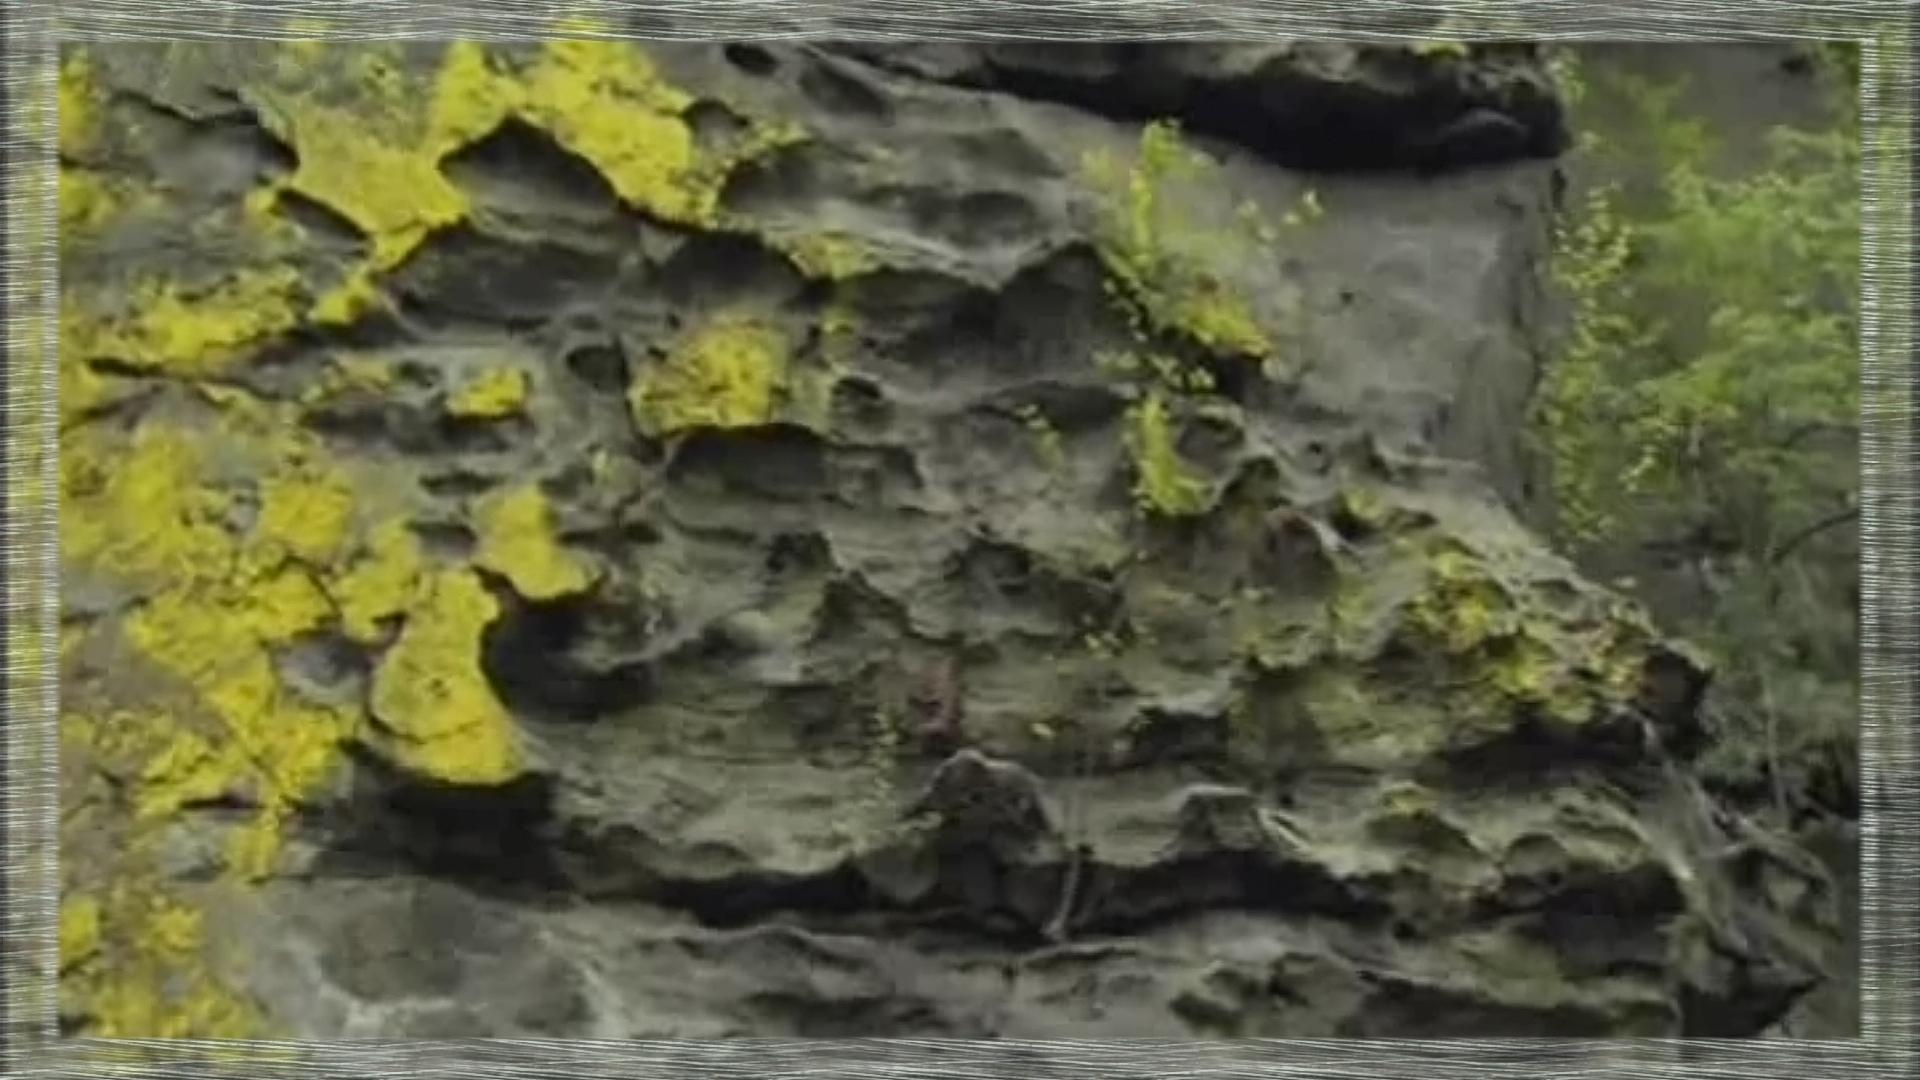 lichens jaunes sur paroi rocheuse